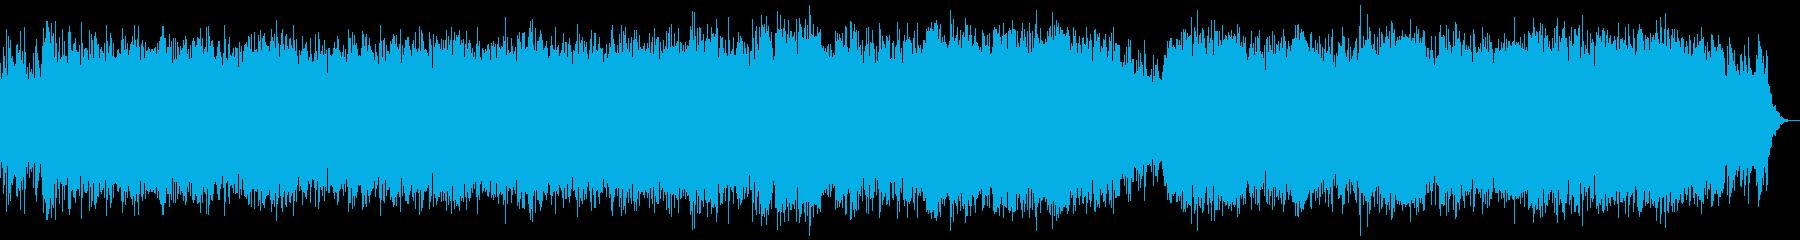 ★小洒落た★商品説明動画に最適な★BGMの再生済みの波形